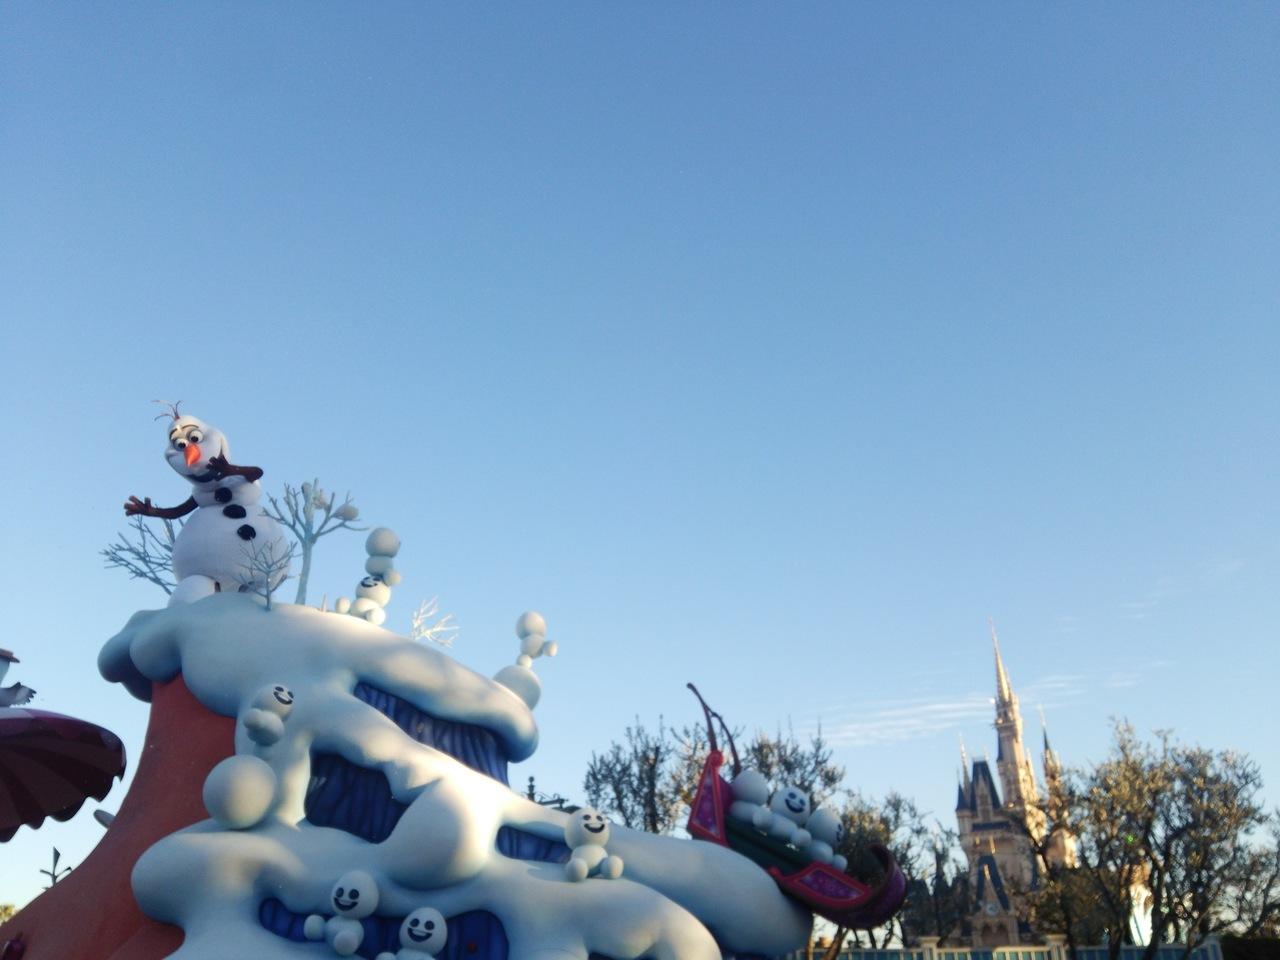 東京ディズニーランド。フローズンファンタジー「みんなのためなら溶けて